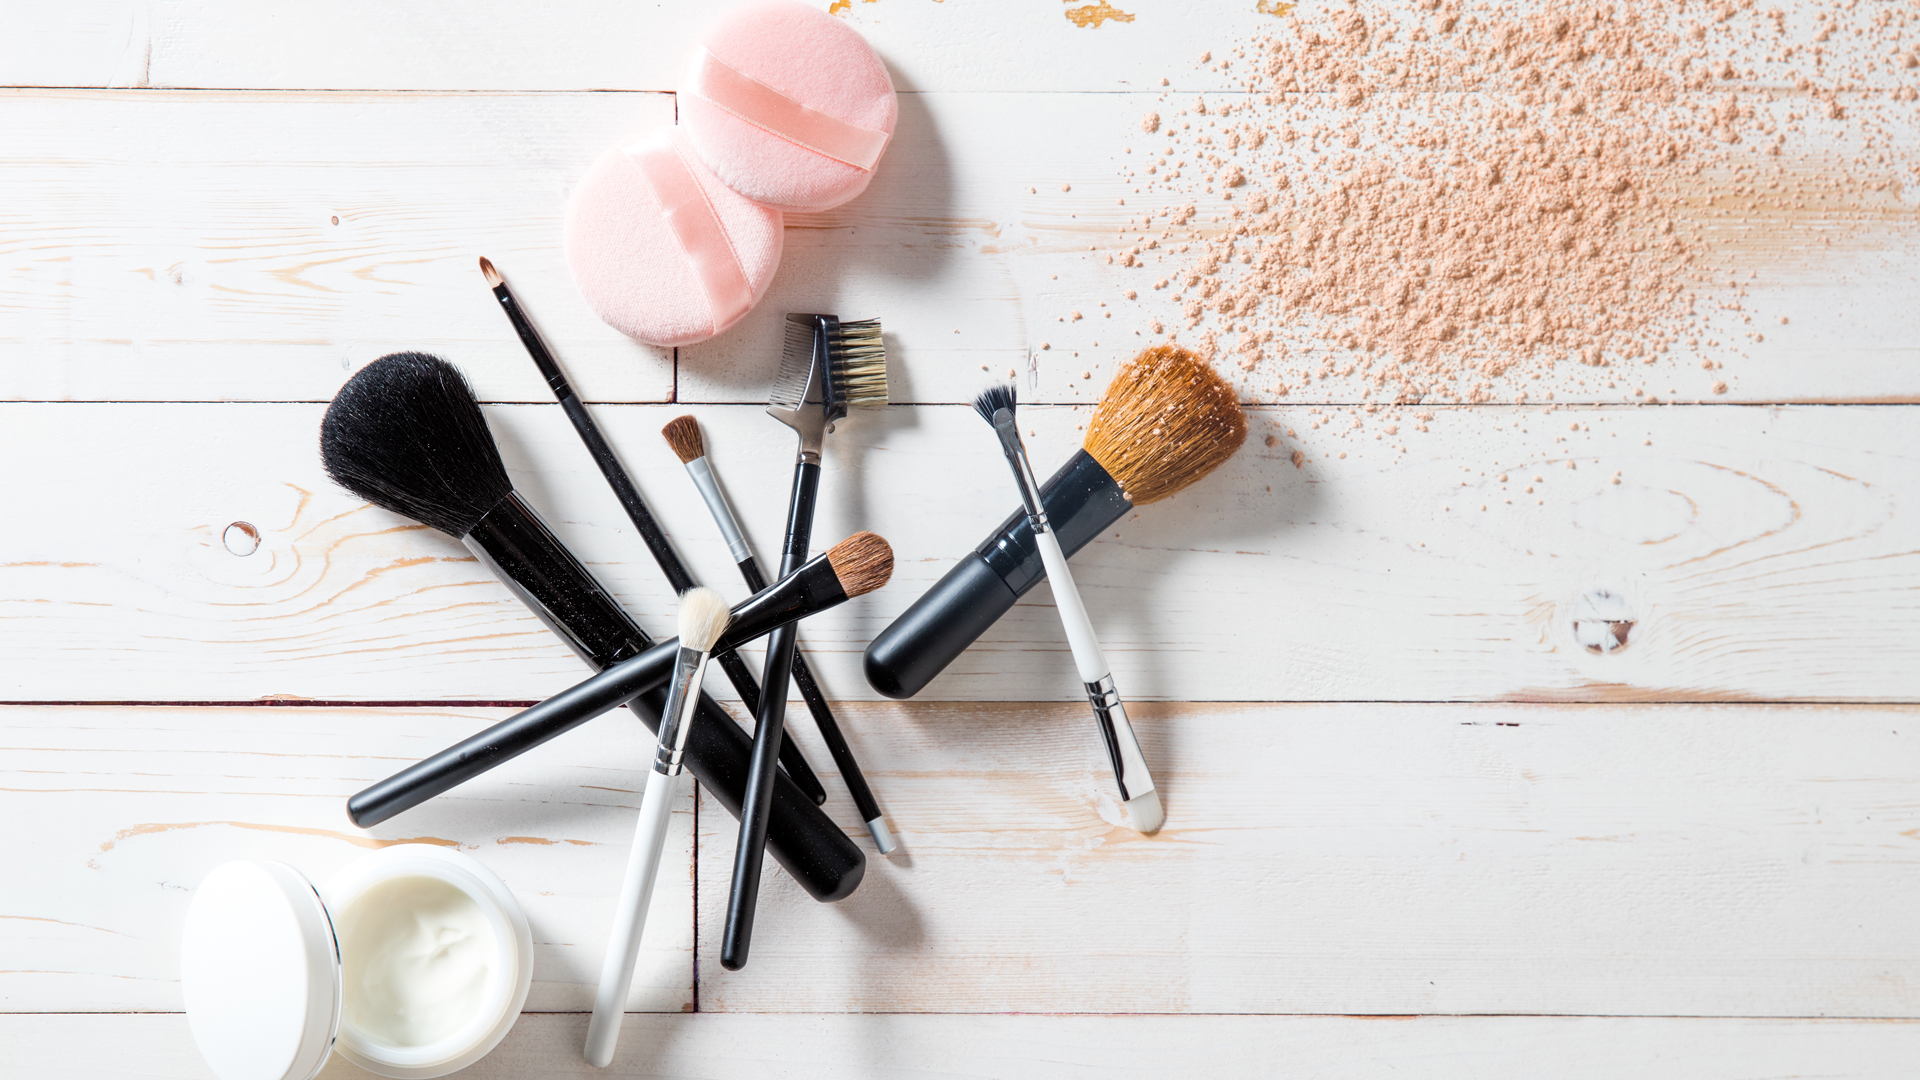 ¿Qué pasa si no lavas tus brochas de maquillaje?